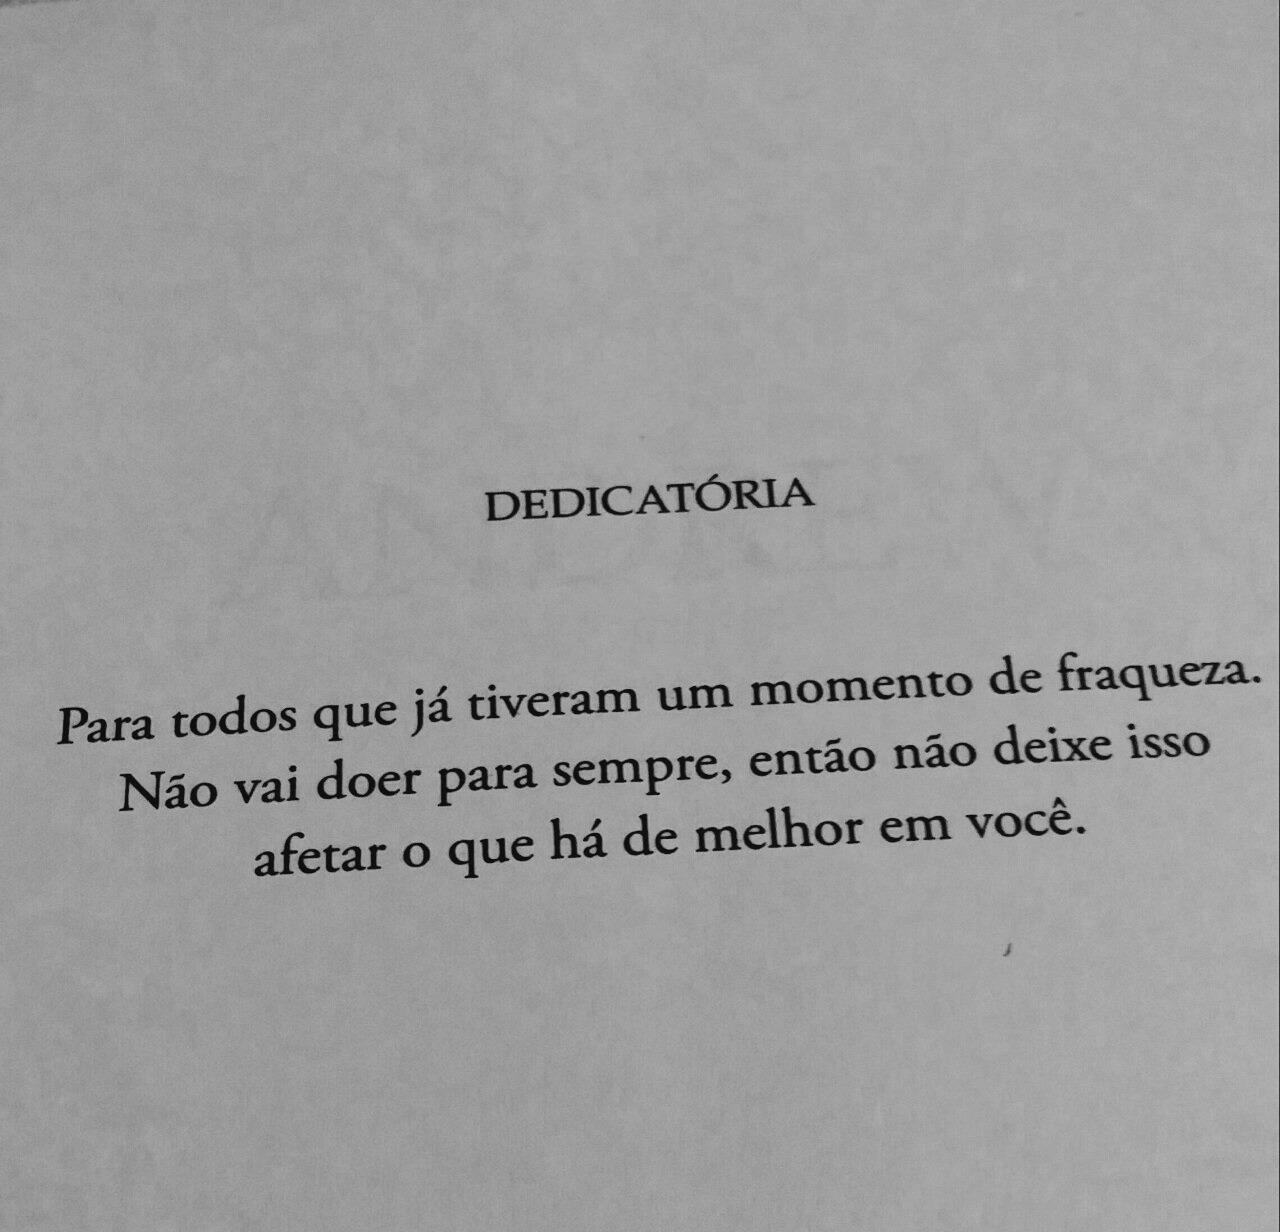 Dedicatorias De Amor Tumblr